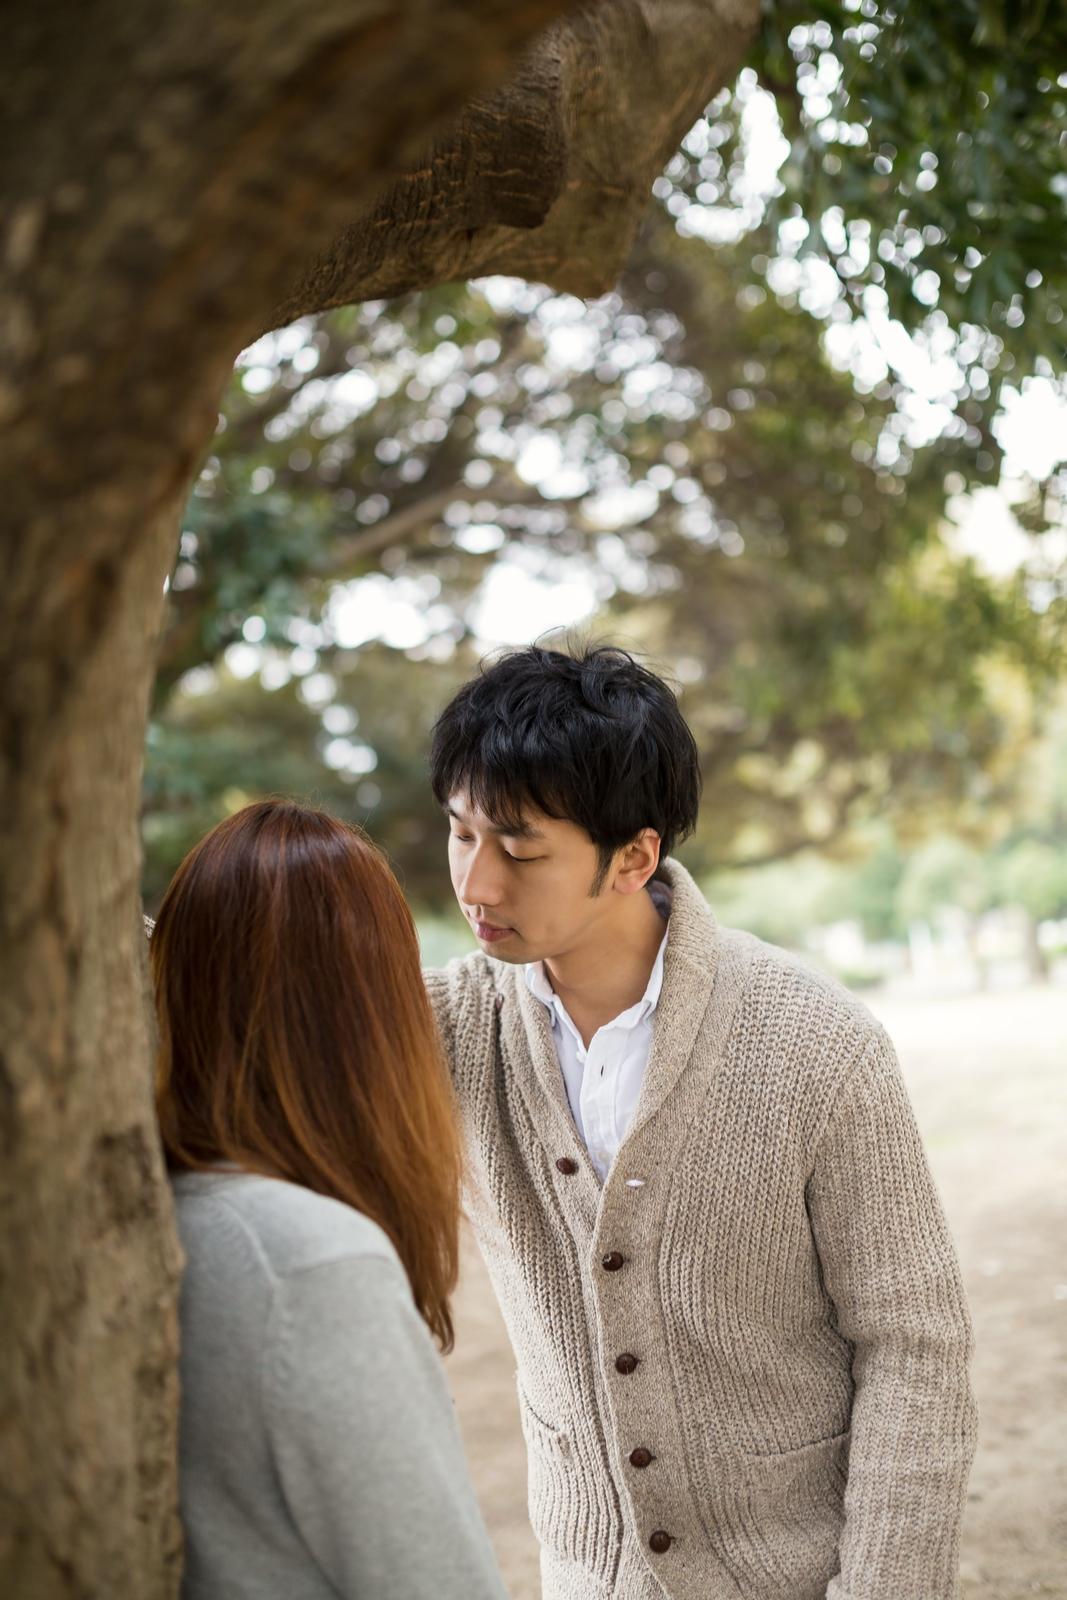 外でキスする彼氏の男性心理とは?外キス派女子の為の情報も